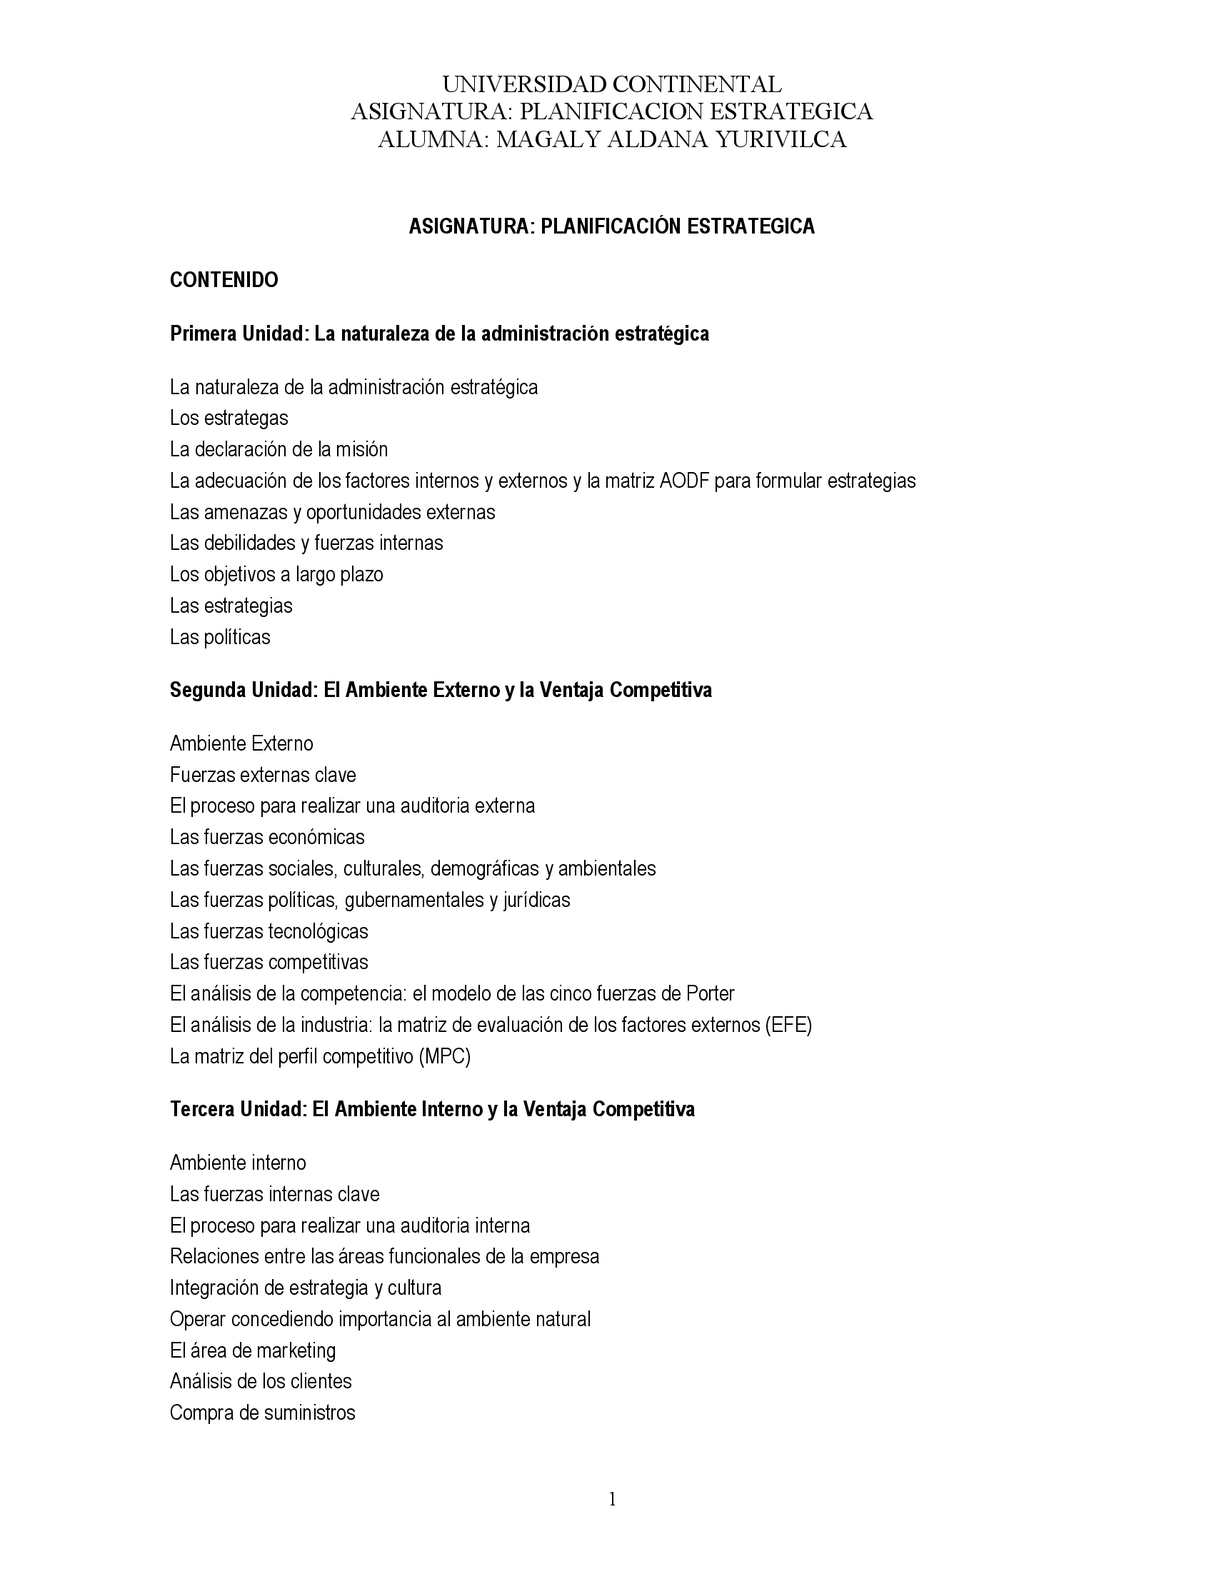 Calaméo - Trabajo Planeamiento Estratégico